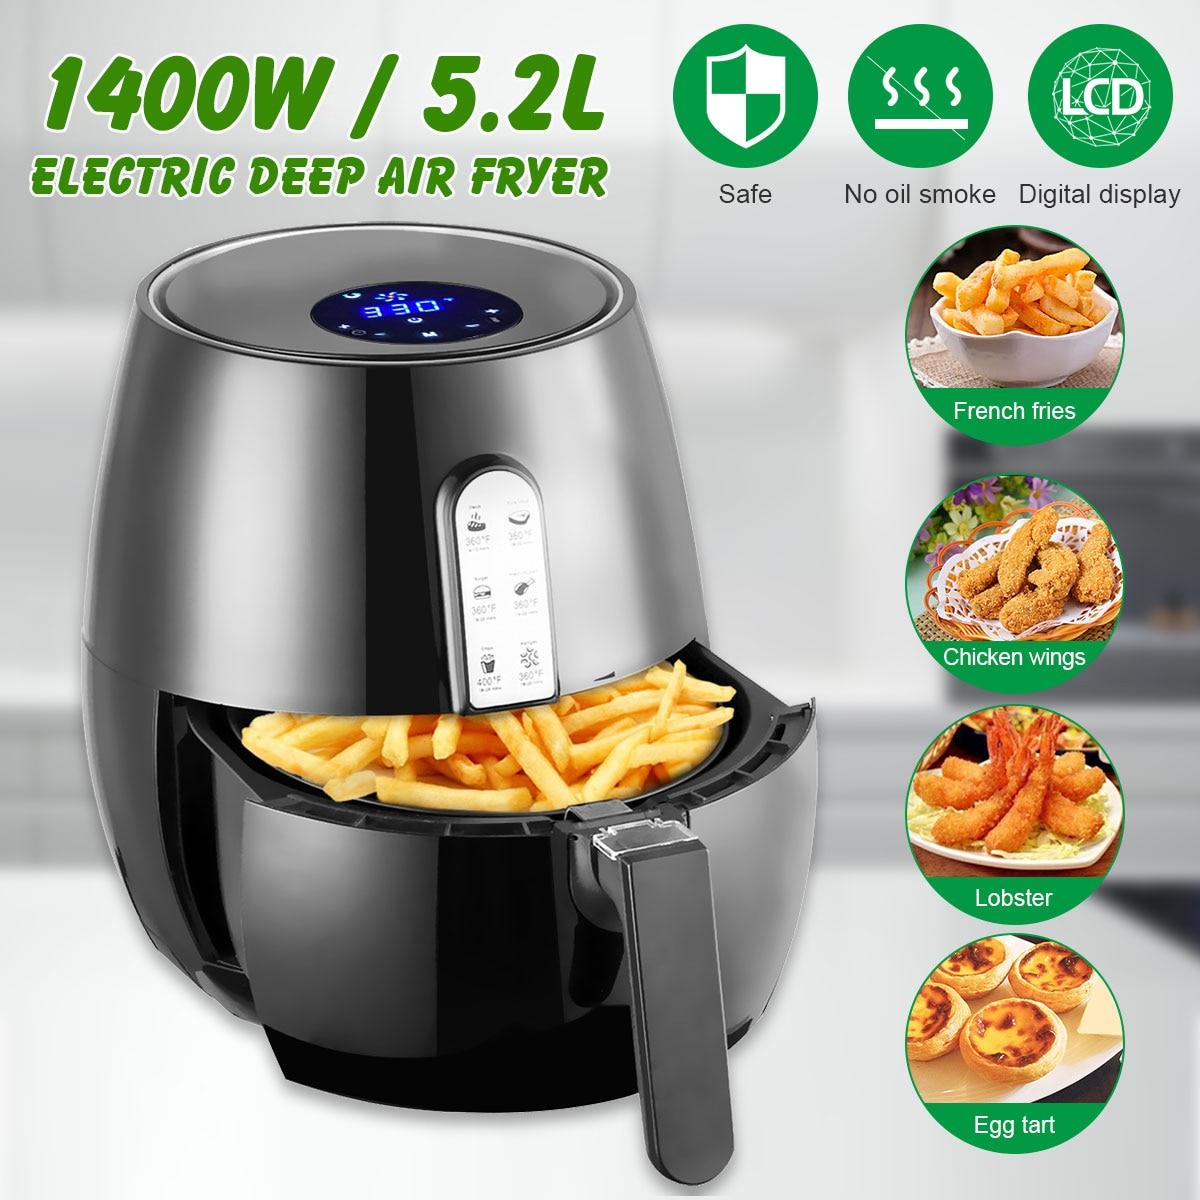 1400W 5.2L Puissance Friteuse à Air Numérique écran tactile LED Minuterie Température Contrôle Friteuse Électrique Friteuse à Air Outils De Cuisine